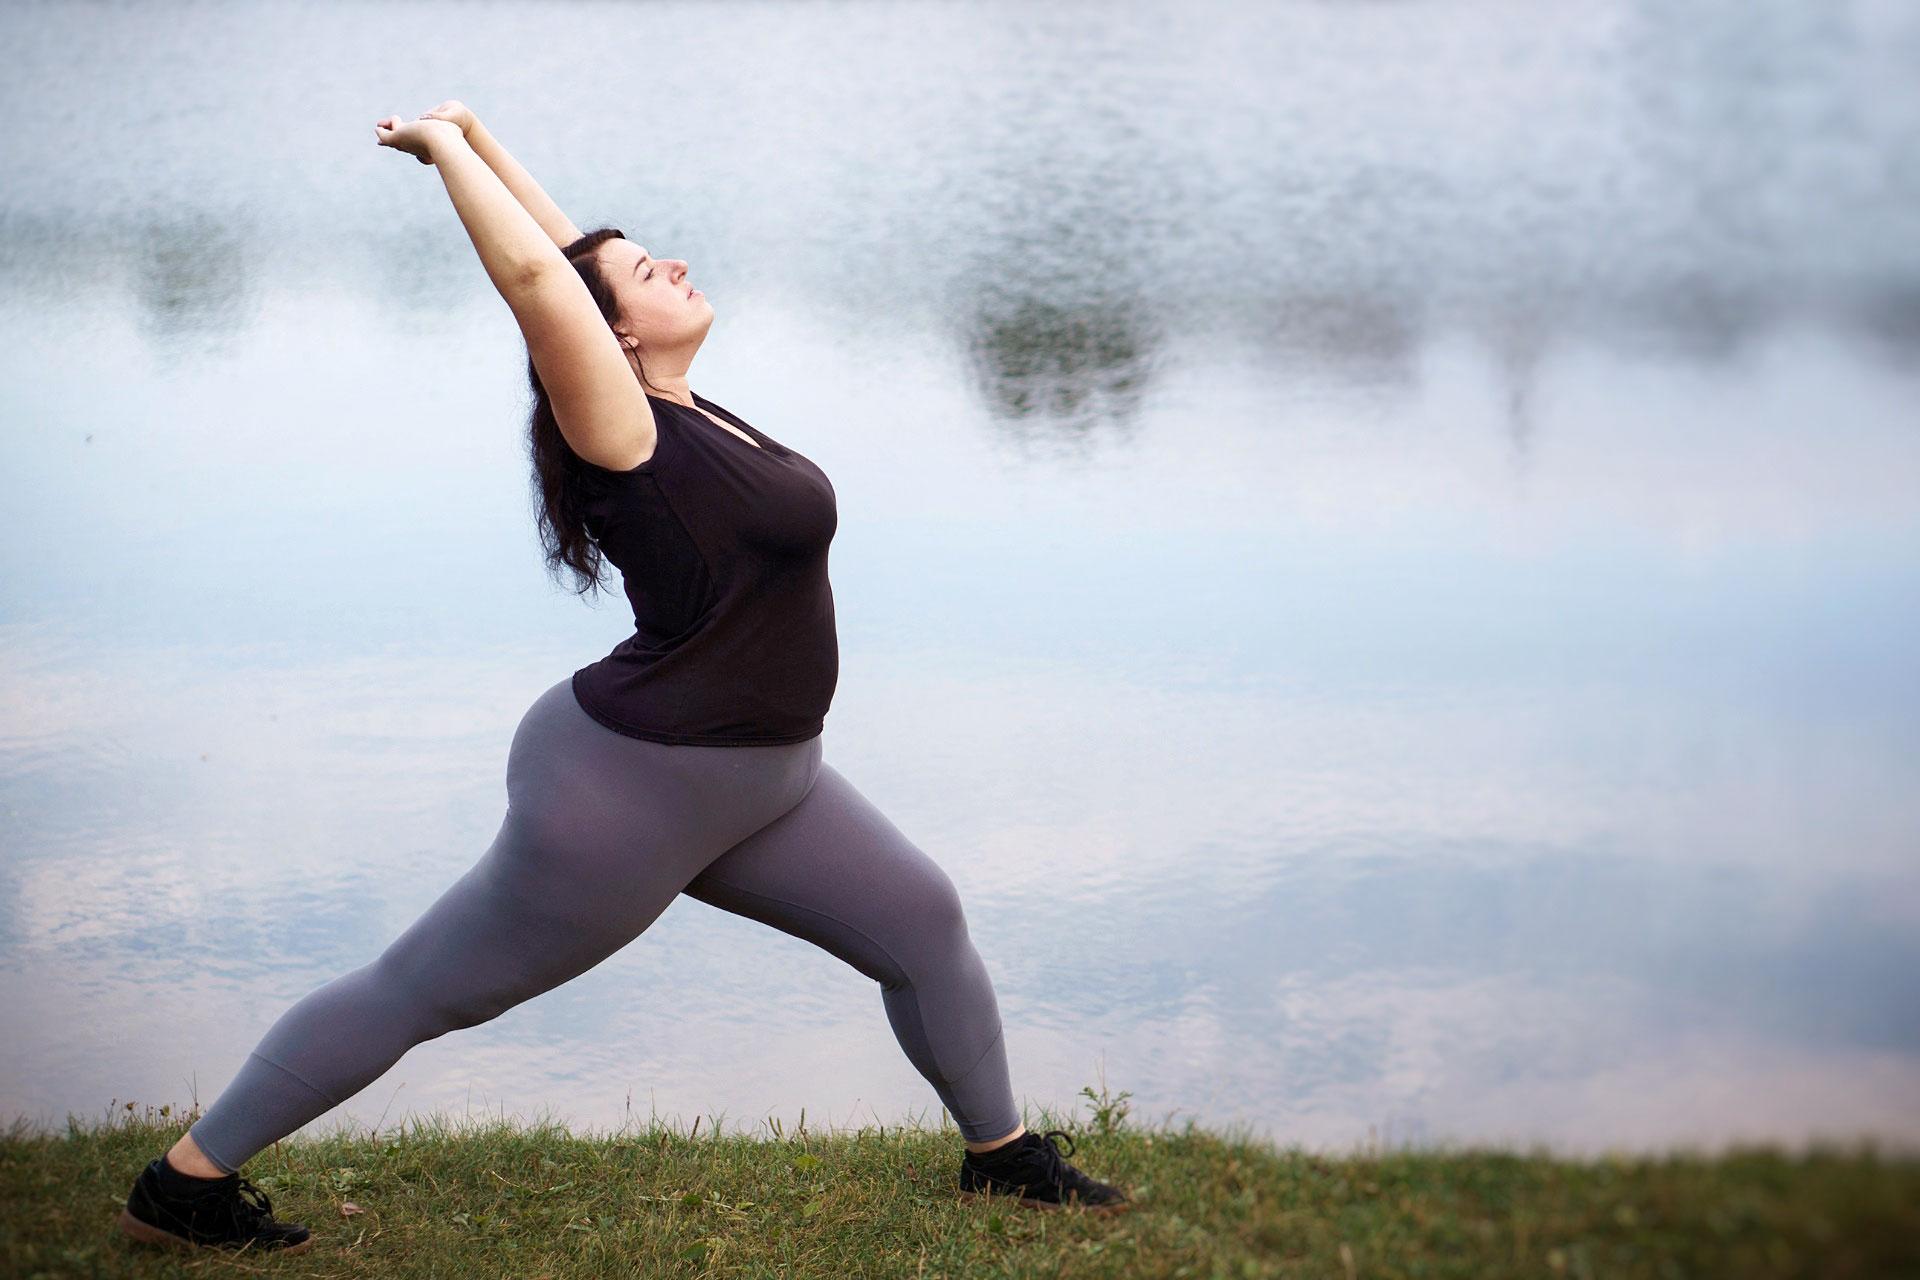 Frau mit erhöhtem Körperfettanteil beim Yoga